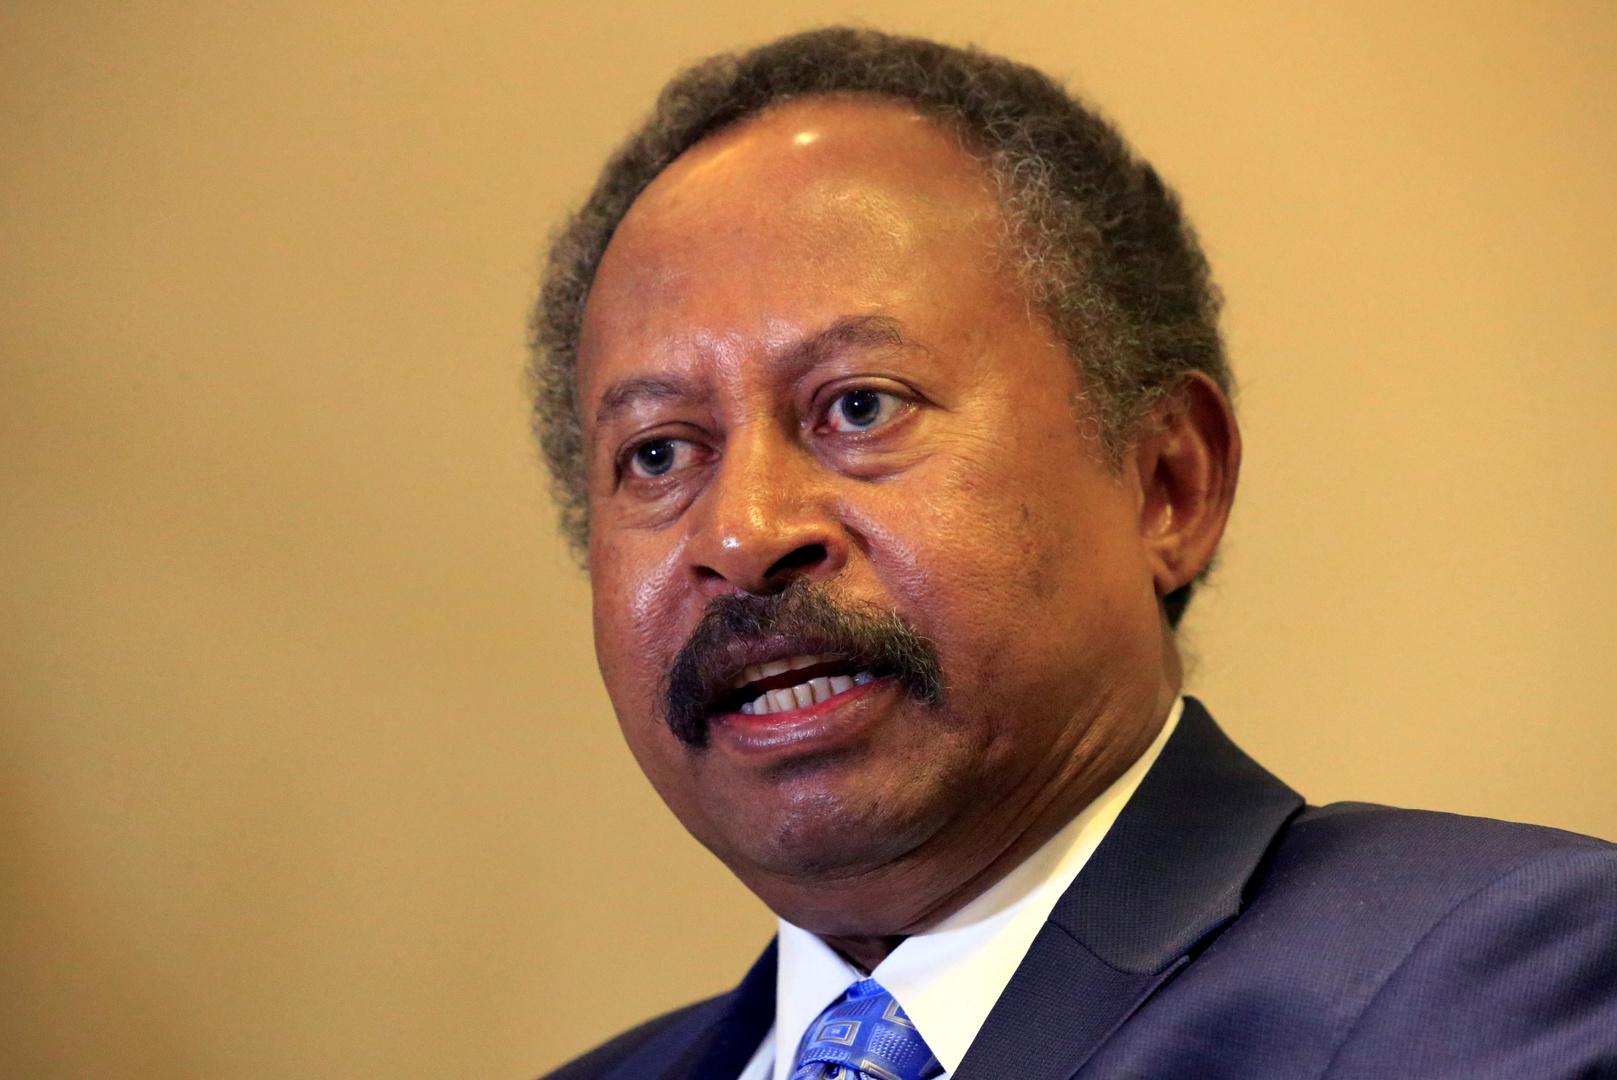 رئيس مجلس الوزراء السوداني يستقبل وفد الجنائية الدولية